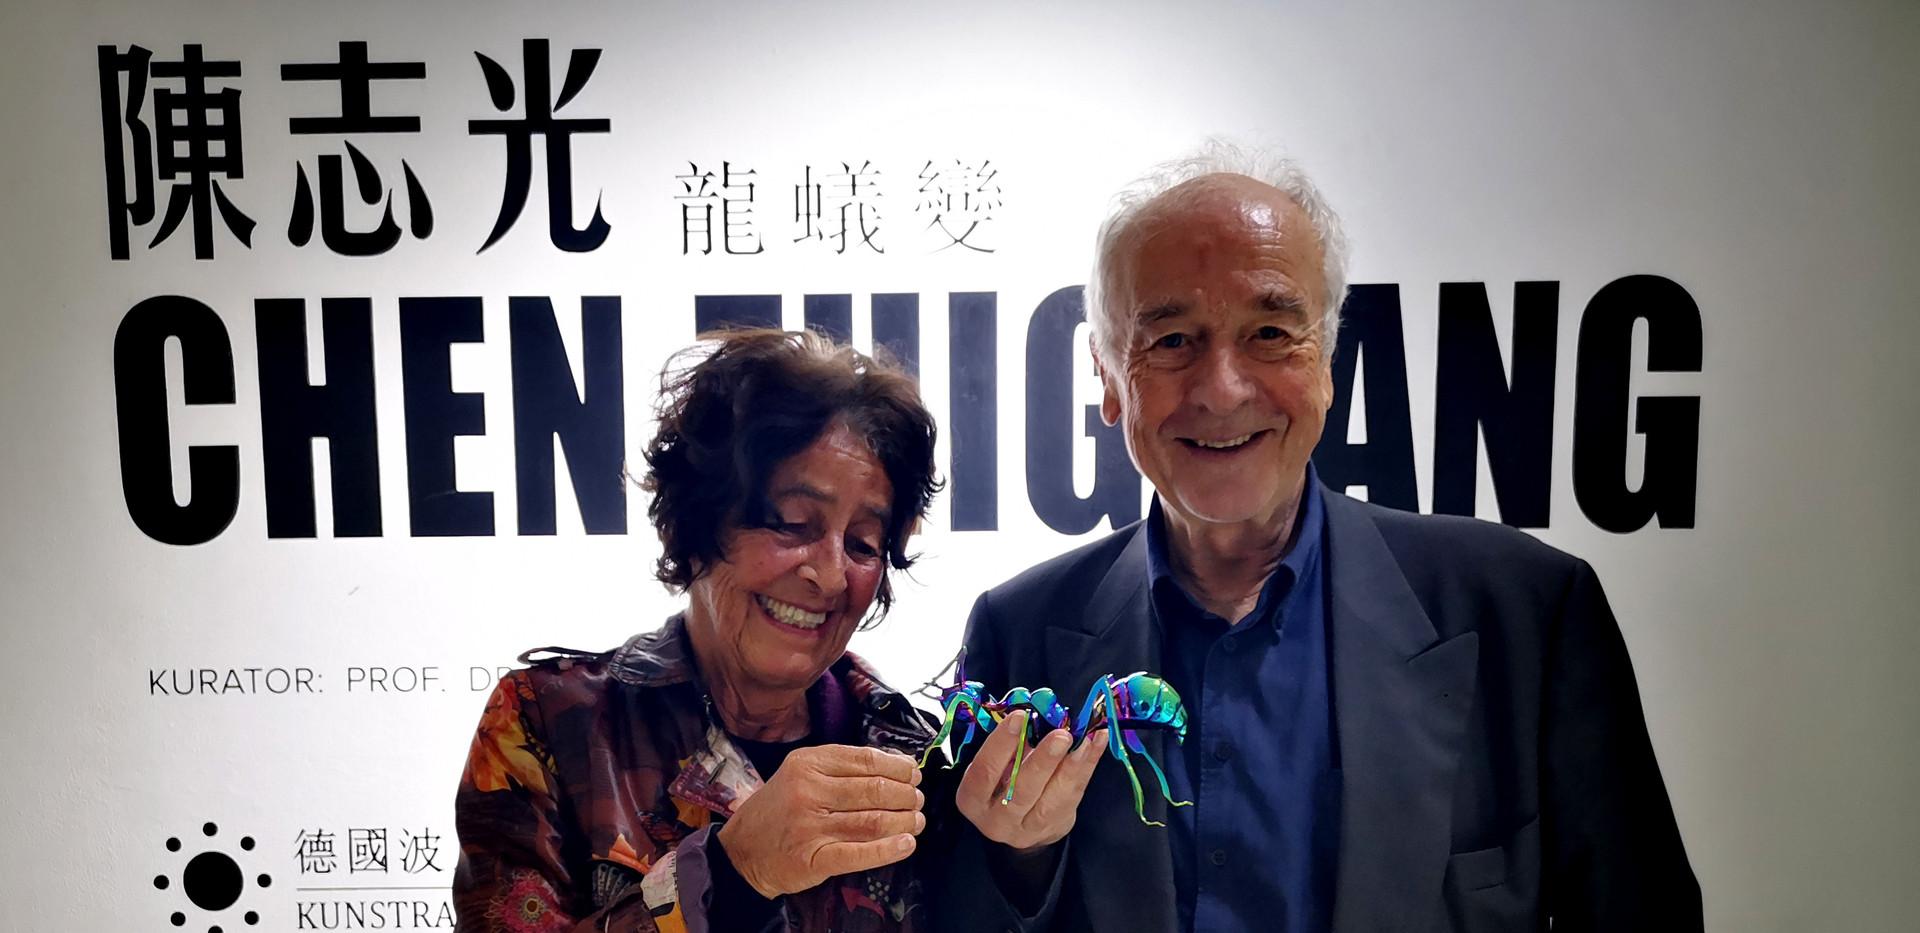 Barbara und Dieter Ronte